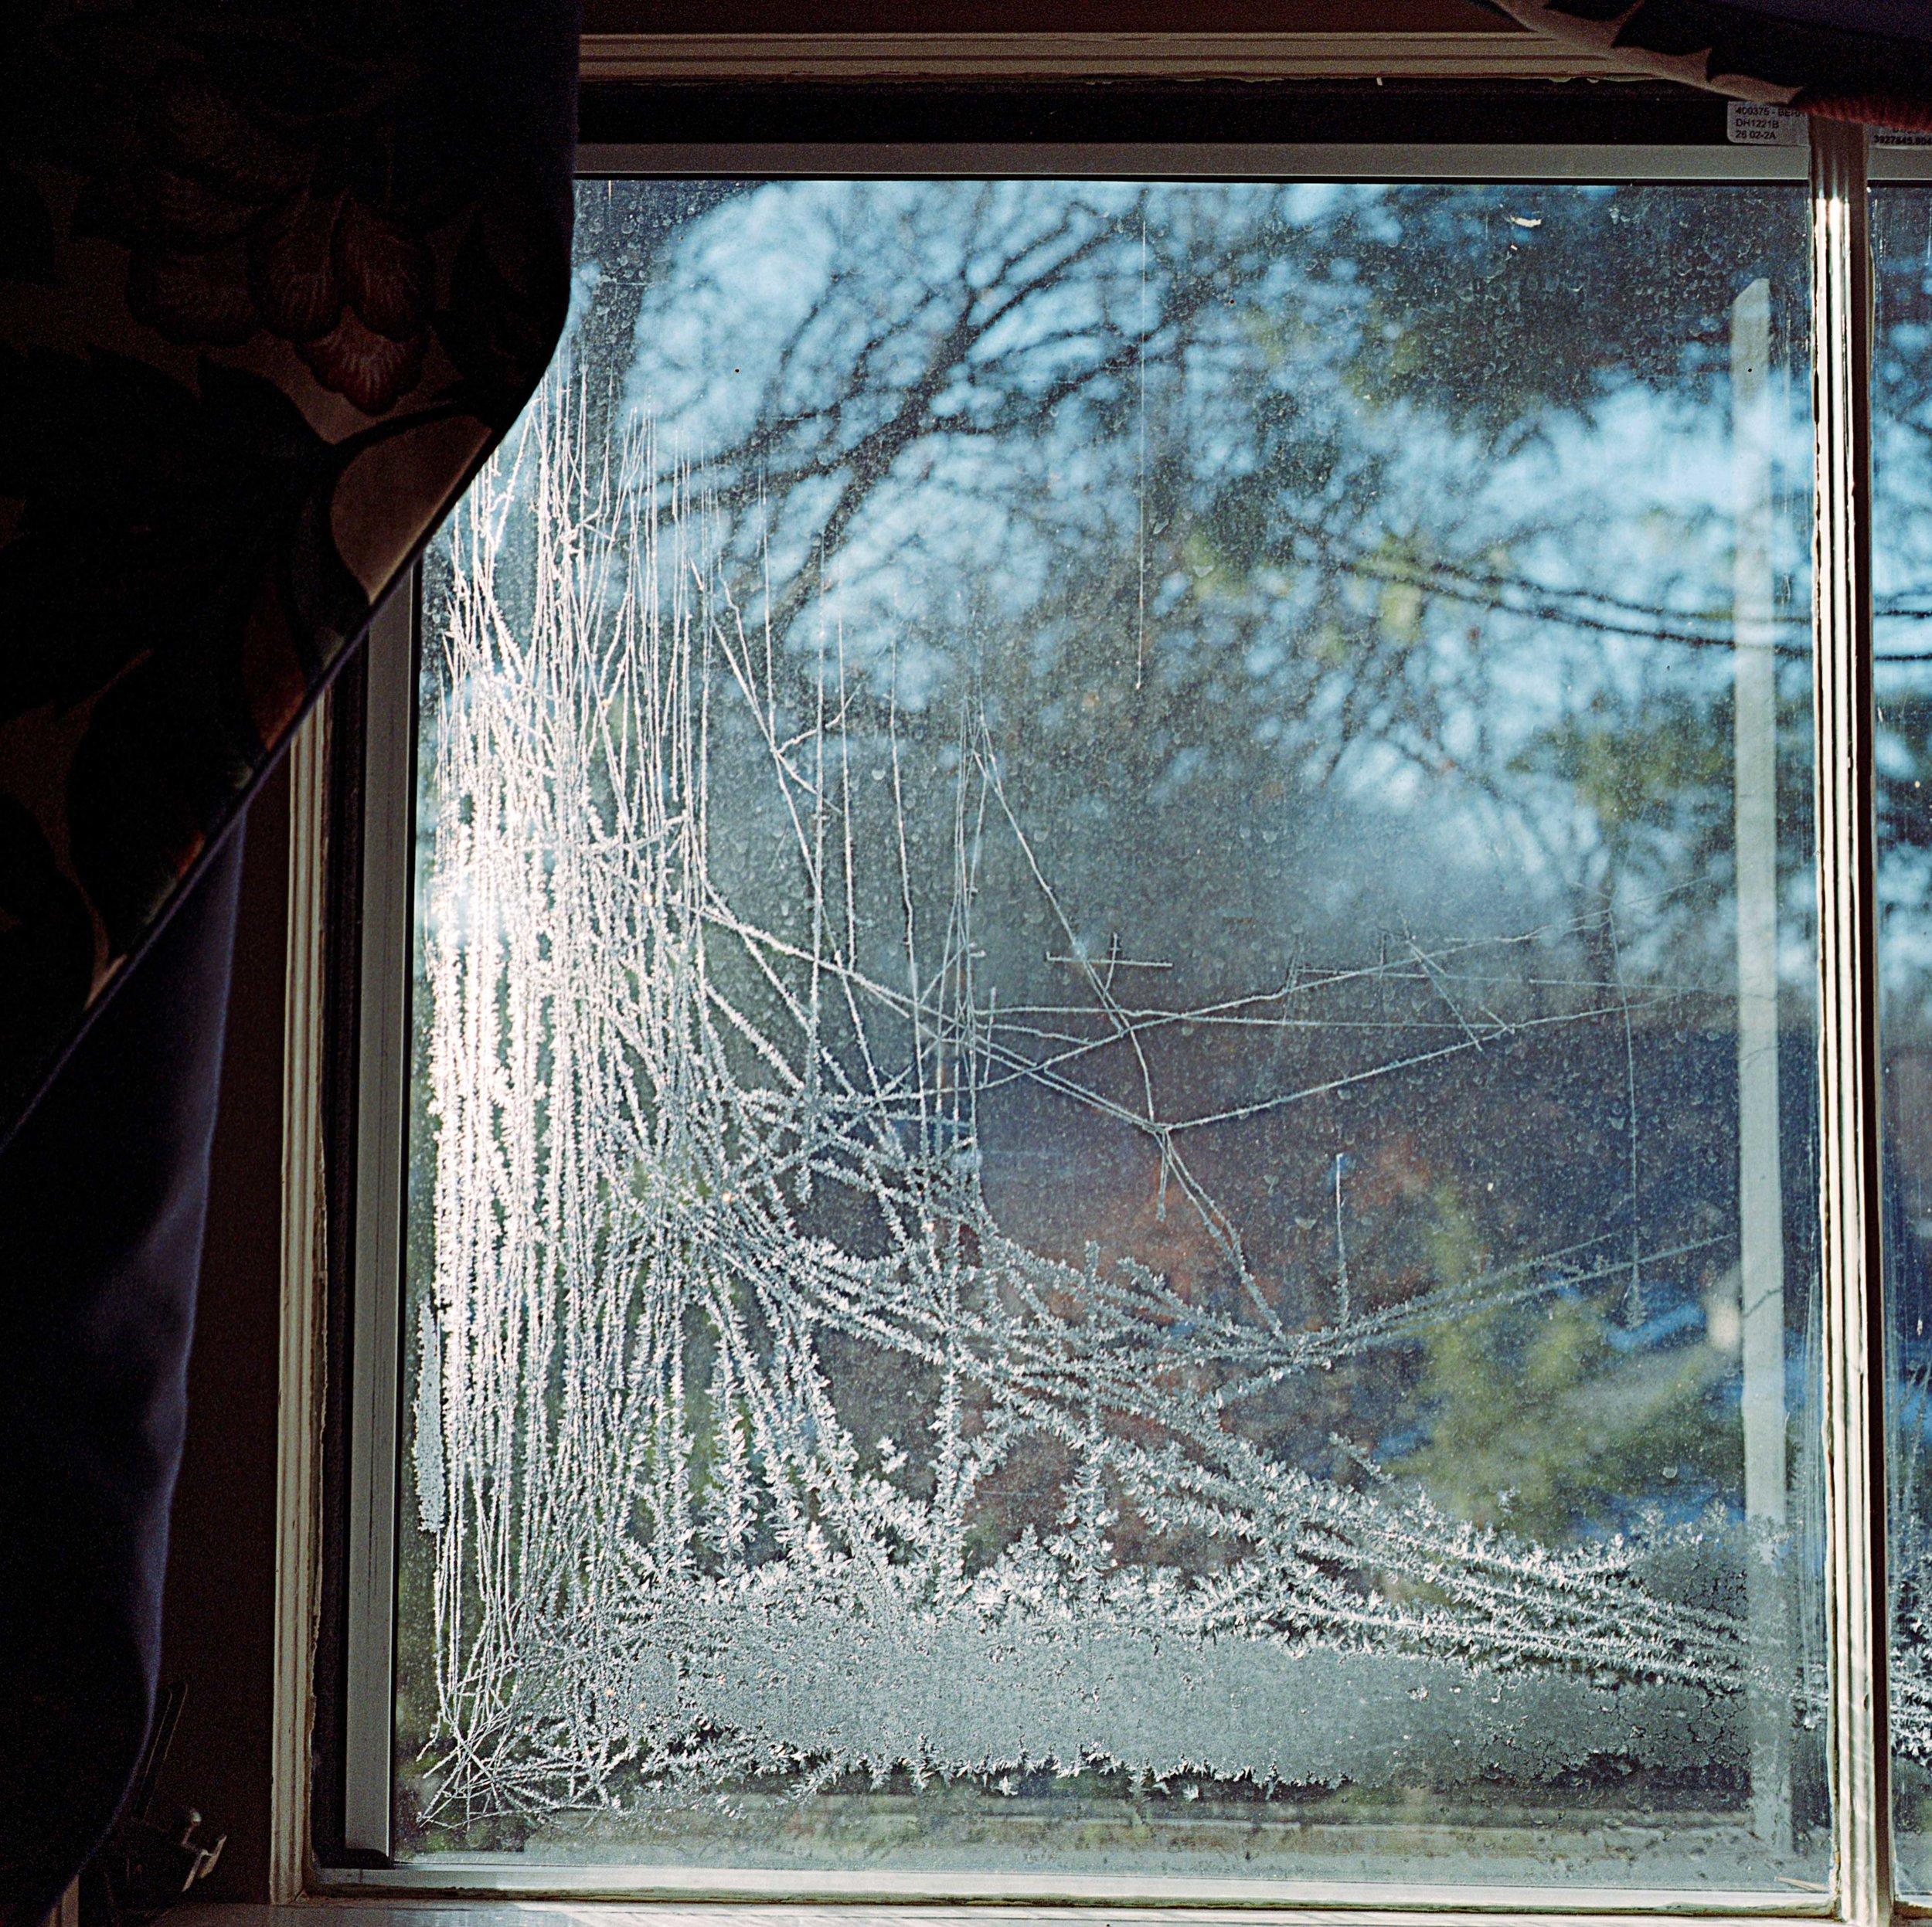 Frosted window in my in-laws' bedroom window, Dec. 2017 in St. Louis, Missouri.